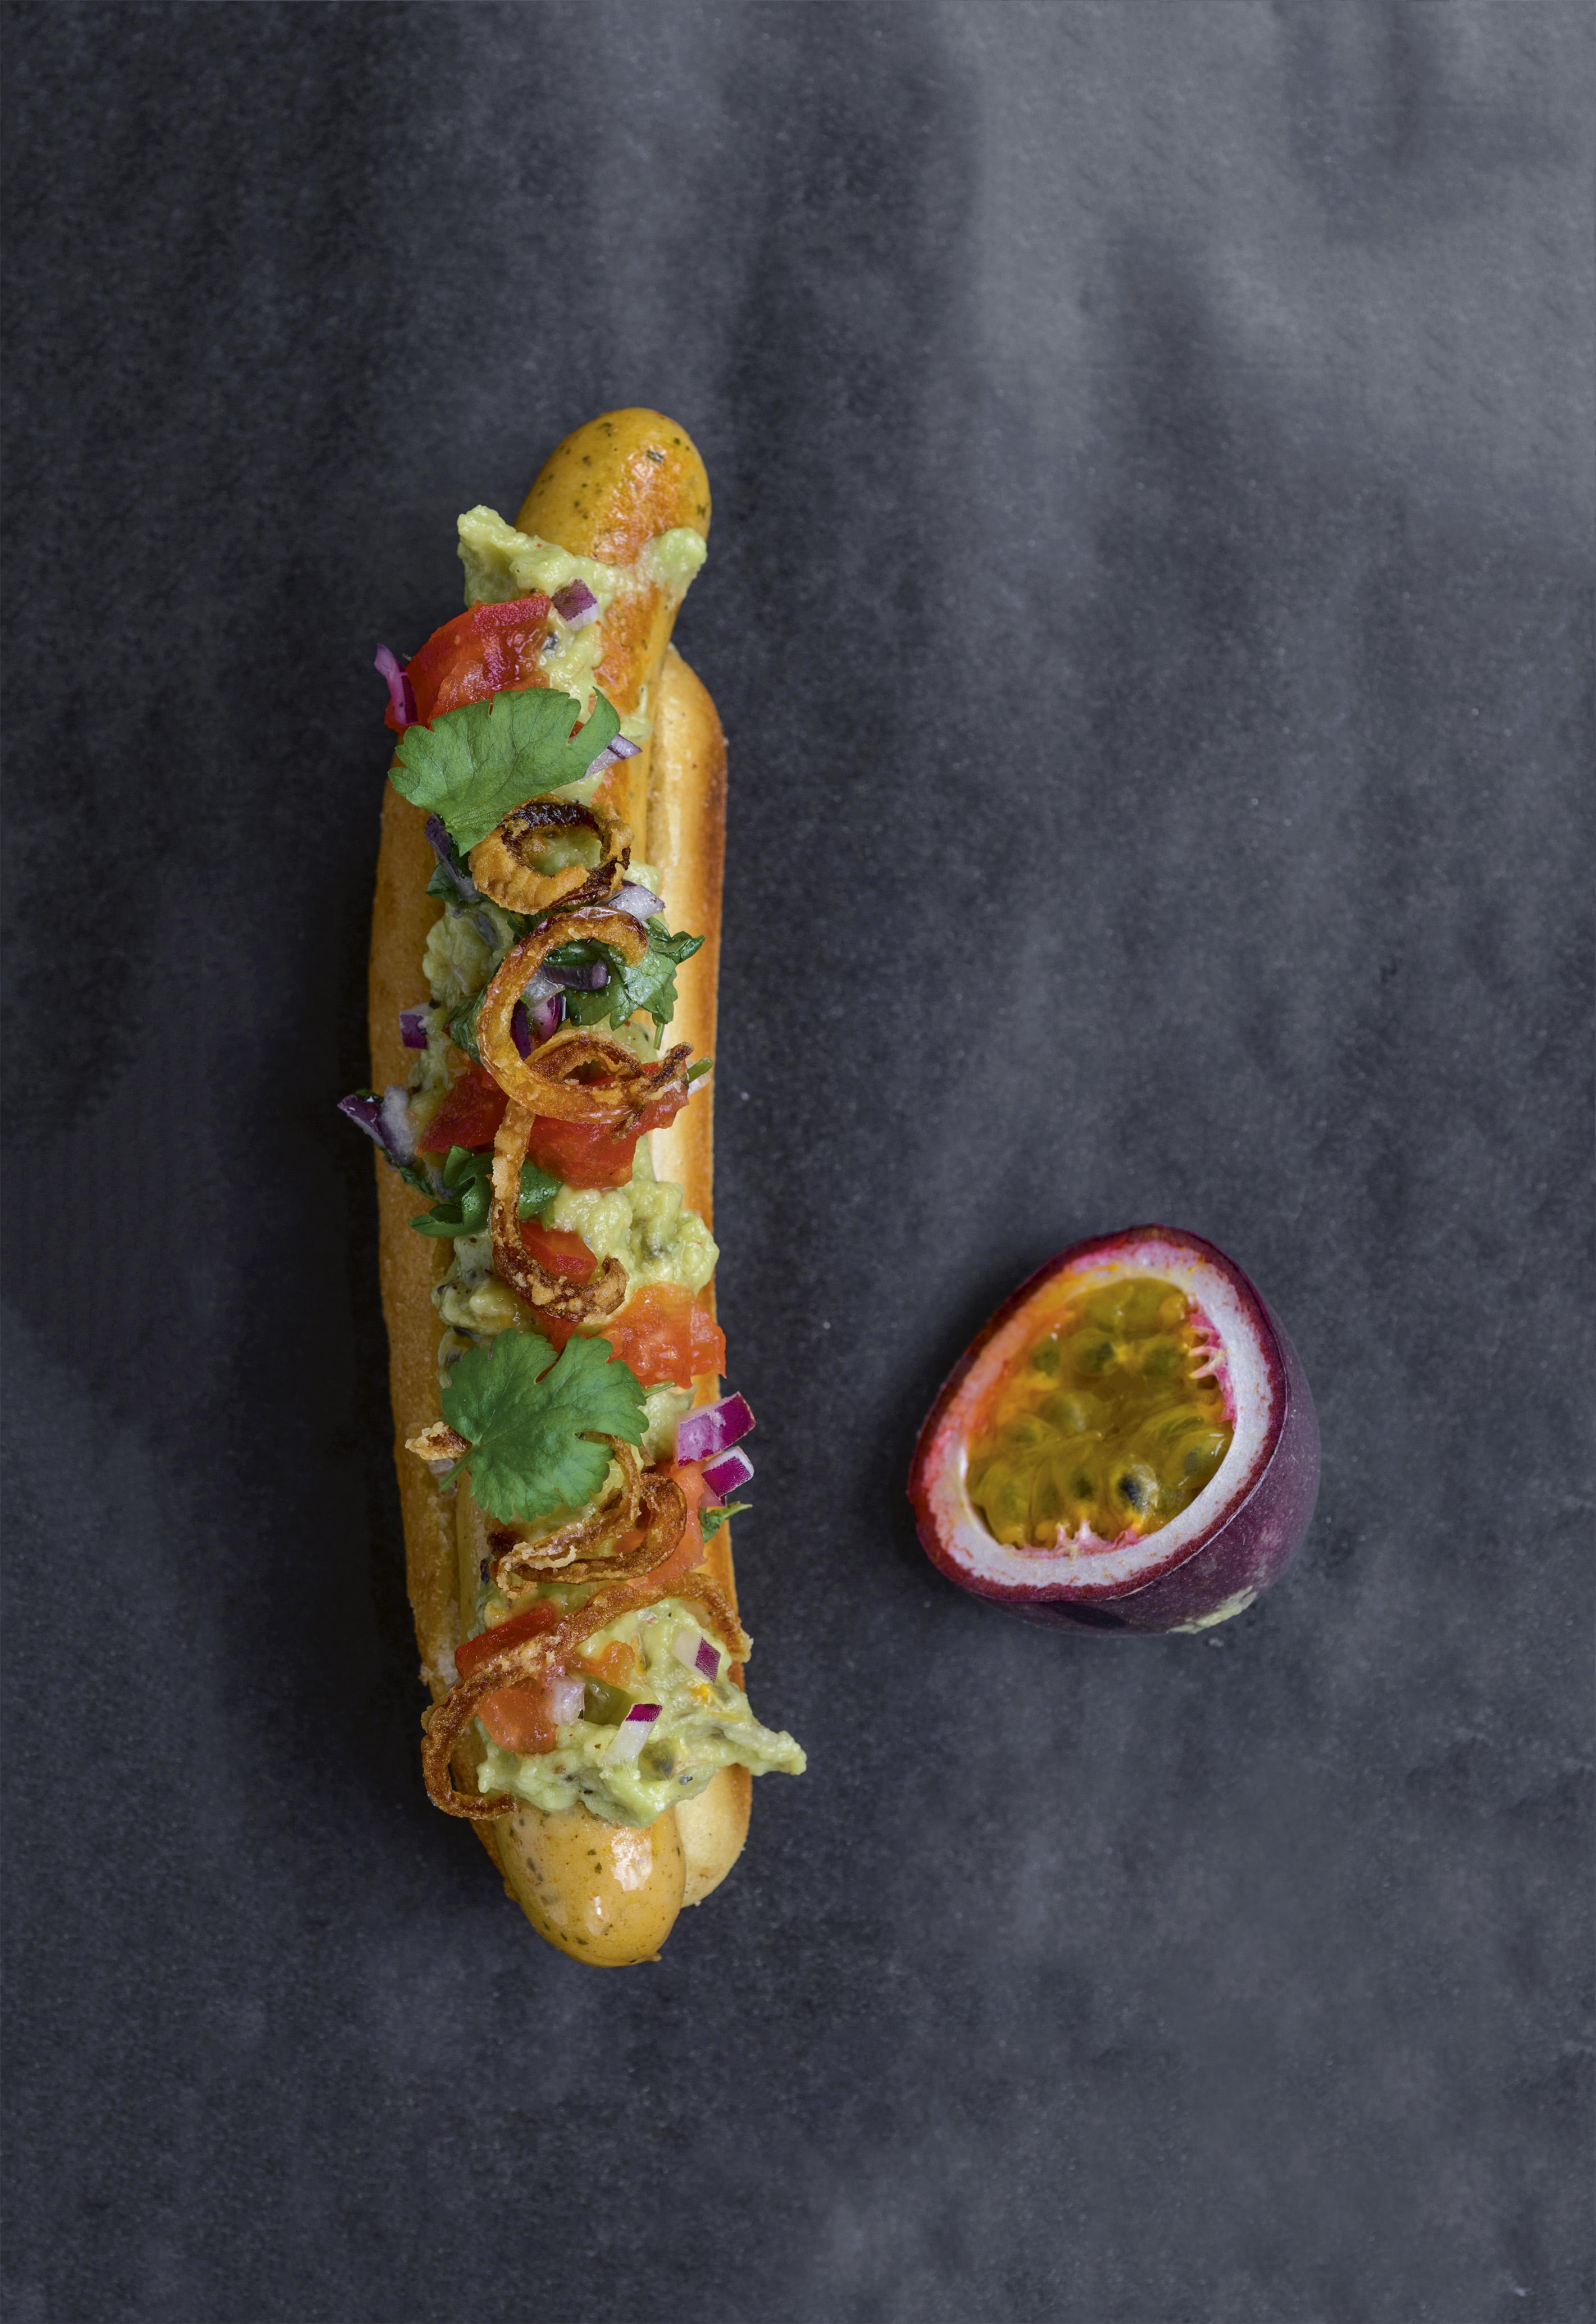 CHILENSK COMPLETO hotdog bog, CHILENSK COMPLETO hotdog bog, guacamolesalsa, opskrift